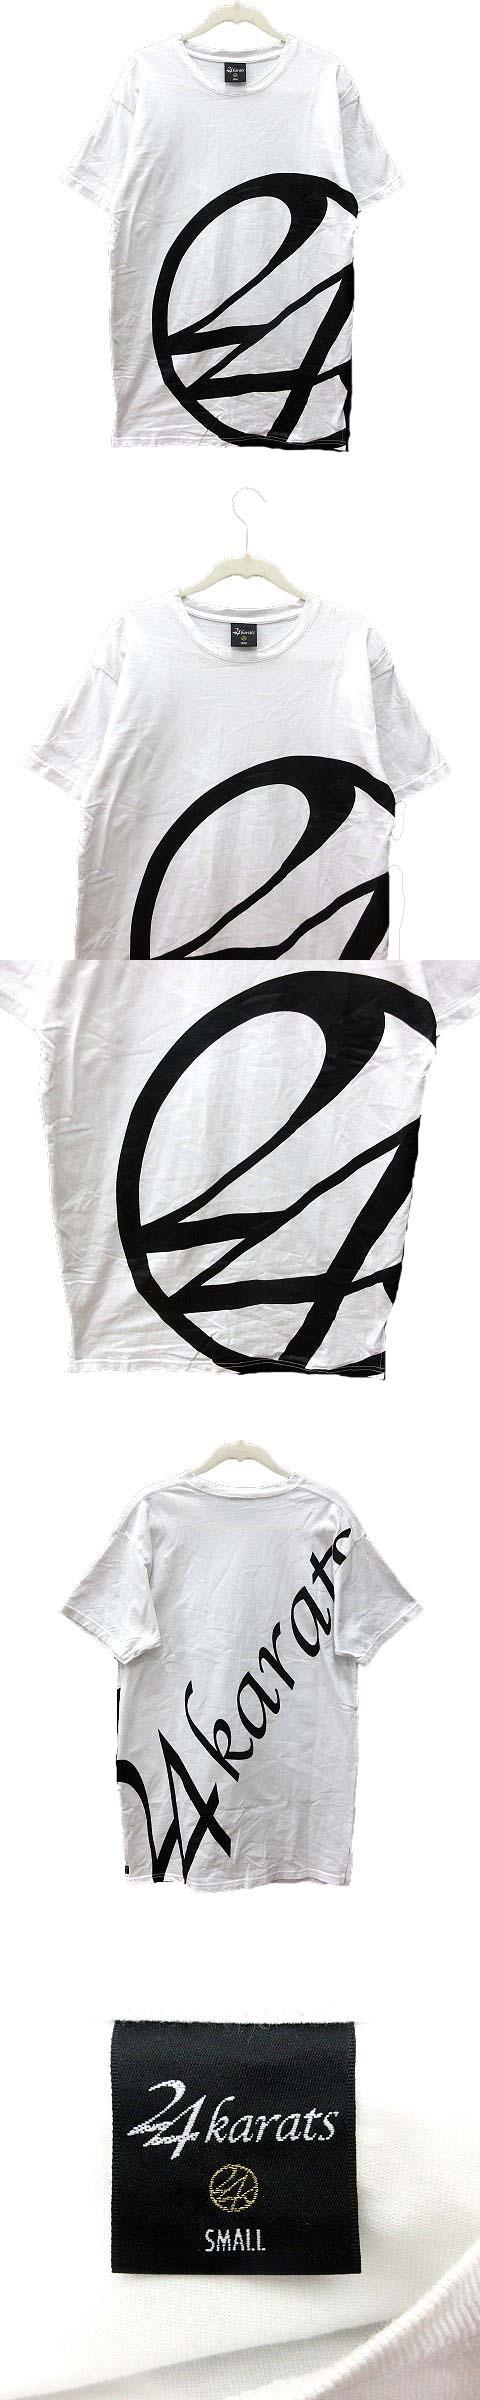 Tシャツ クルーネック プリント 半袖 S 白 ホワイト 黒 ブラック /YK